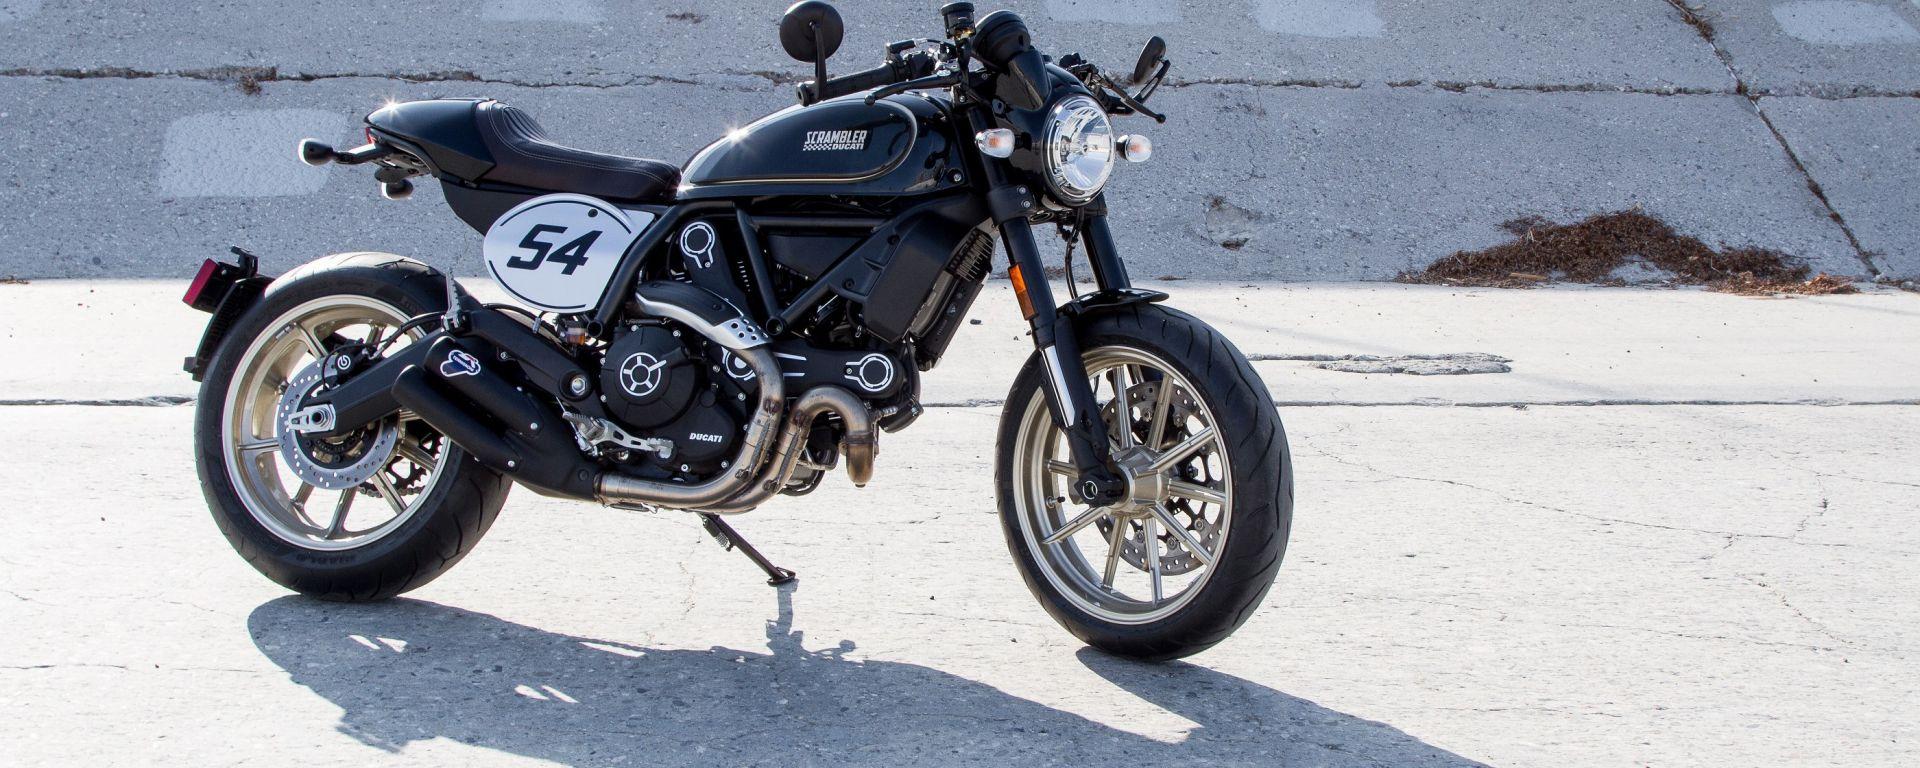 Ducati Scrambler Café Racer, omaggio a Bruno Spaggiari